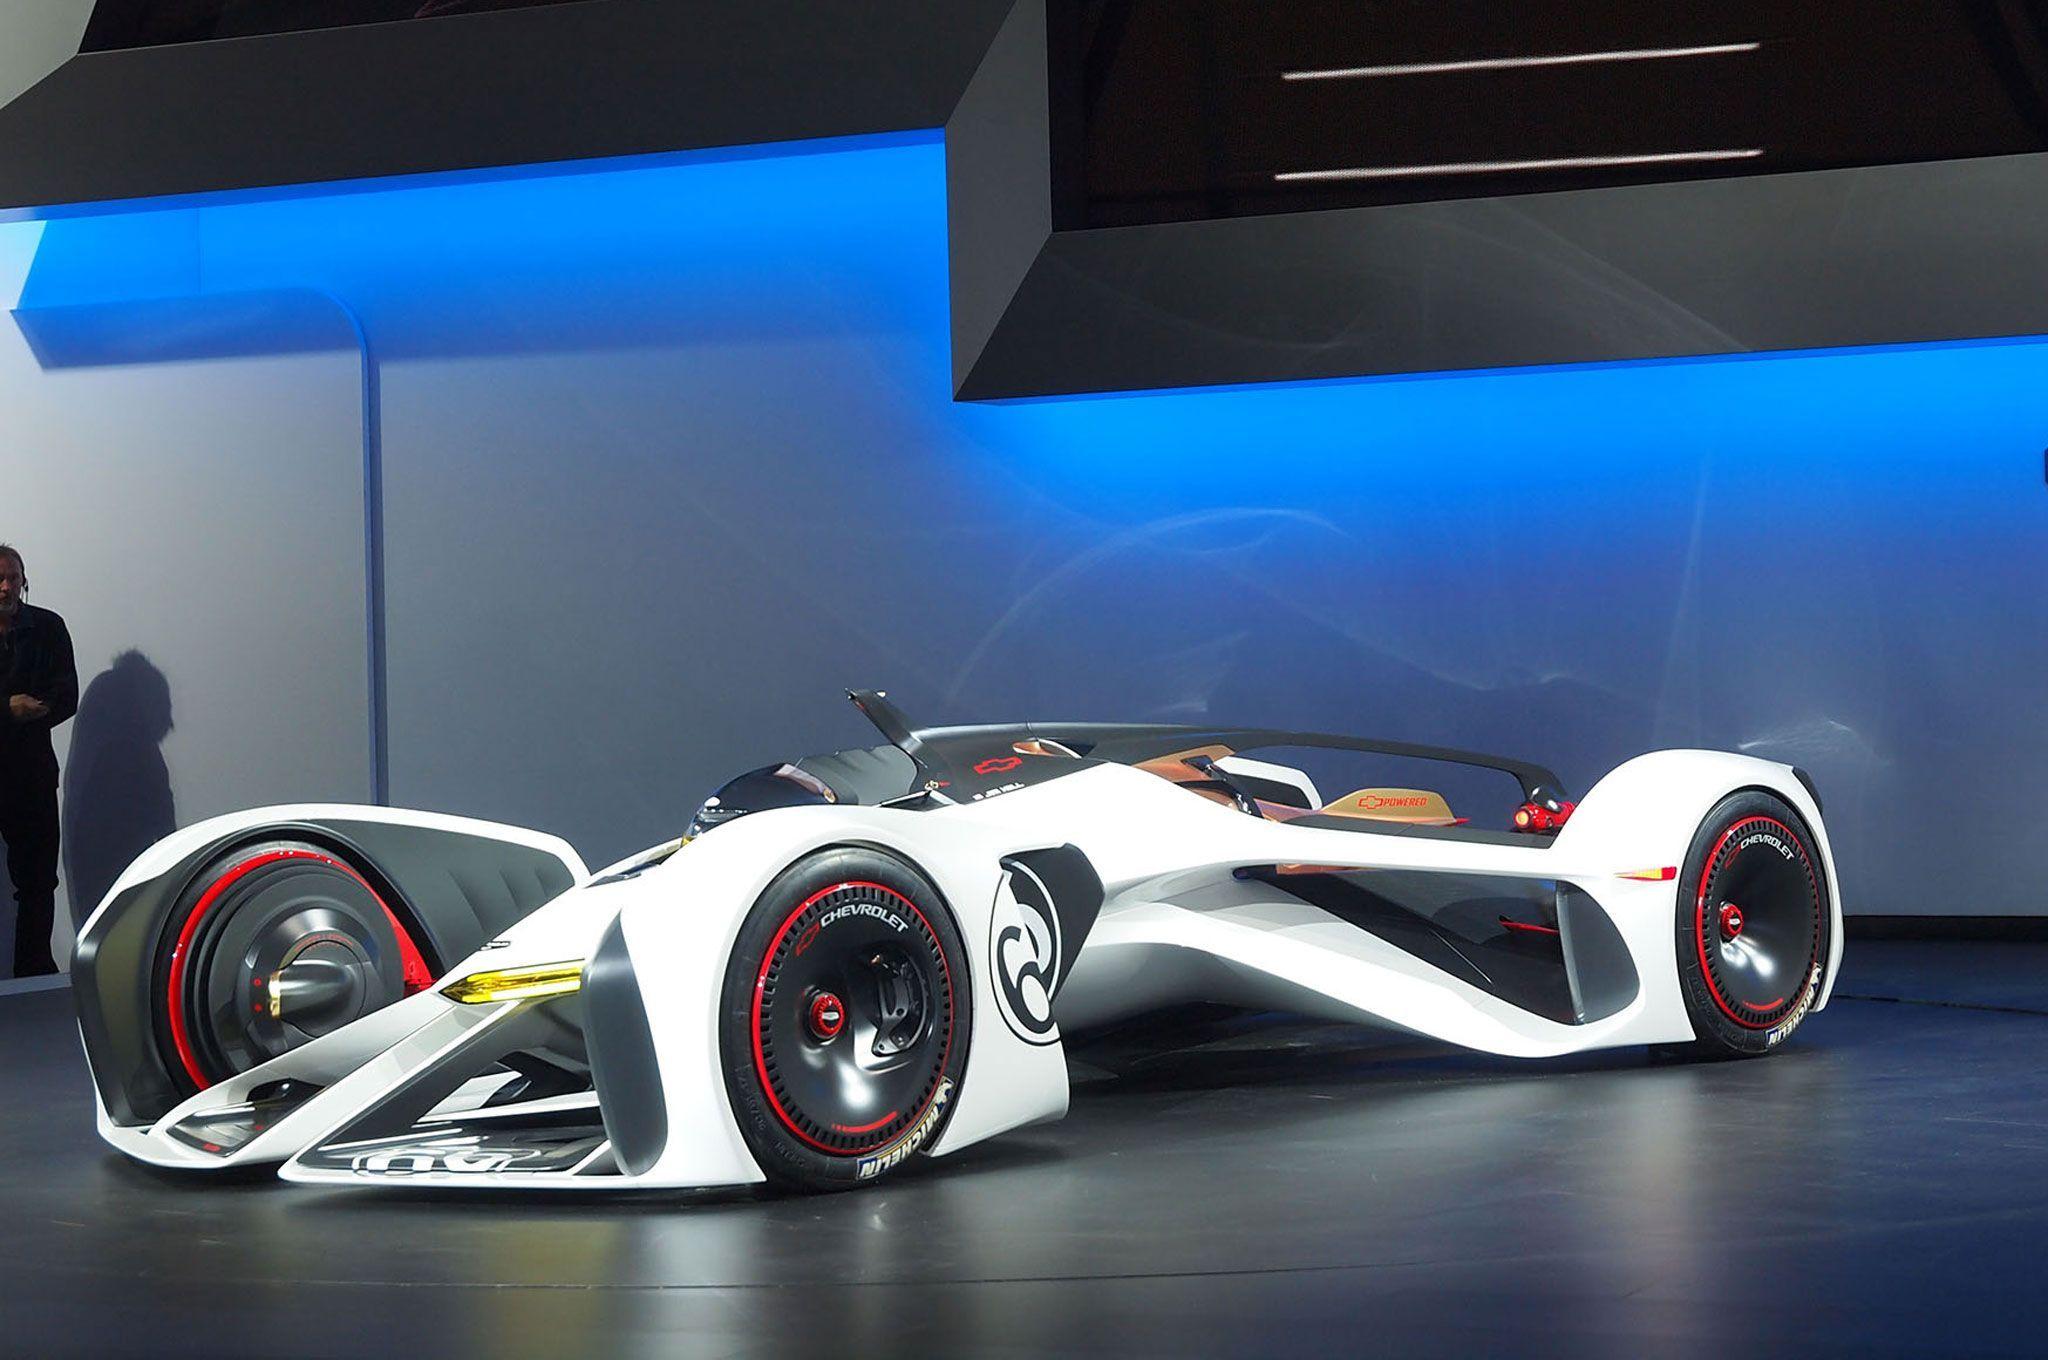 2014 Chevrolet Chaparral 2x Vgt Concept Concept Cars Futuristic